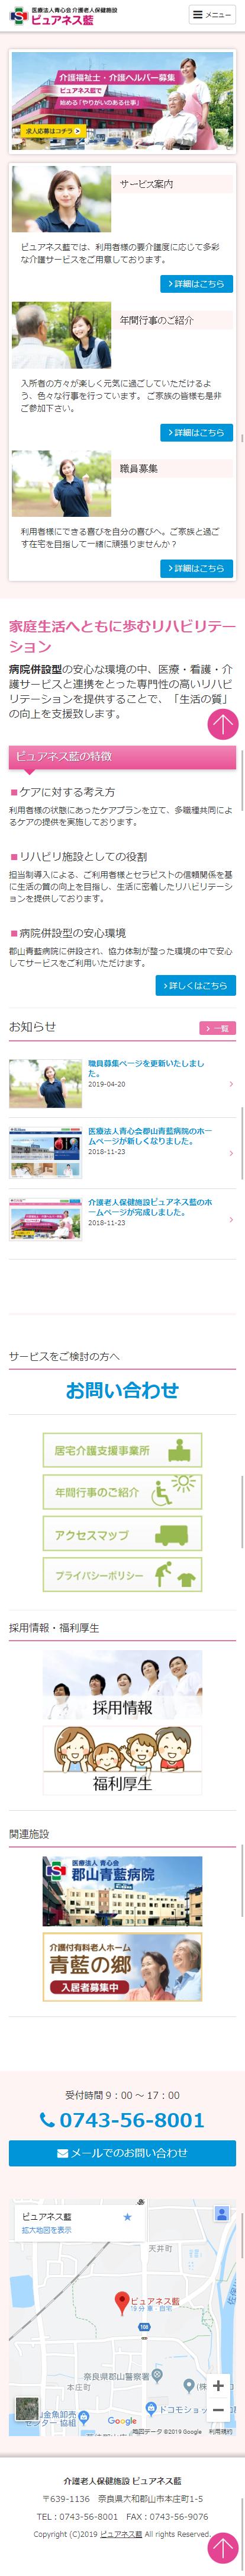 ピュアネス藍 サイト スマートフォン表示